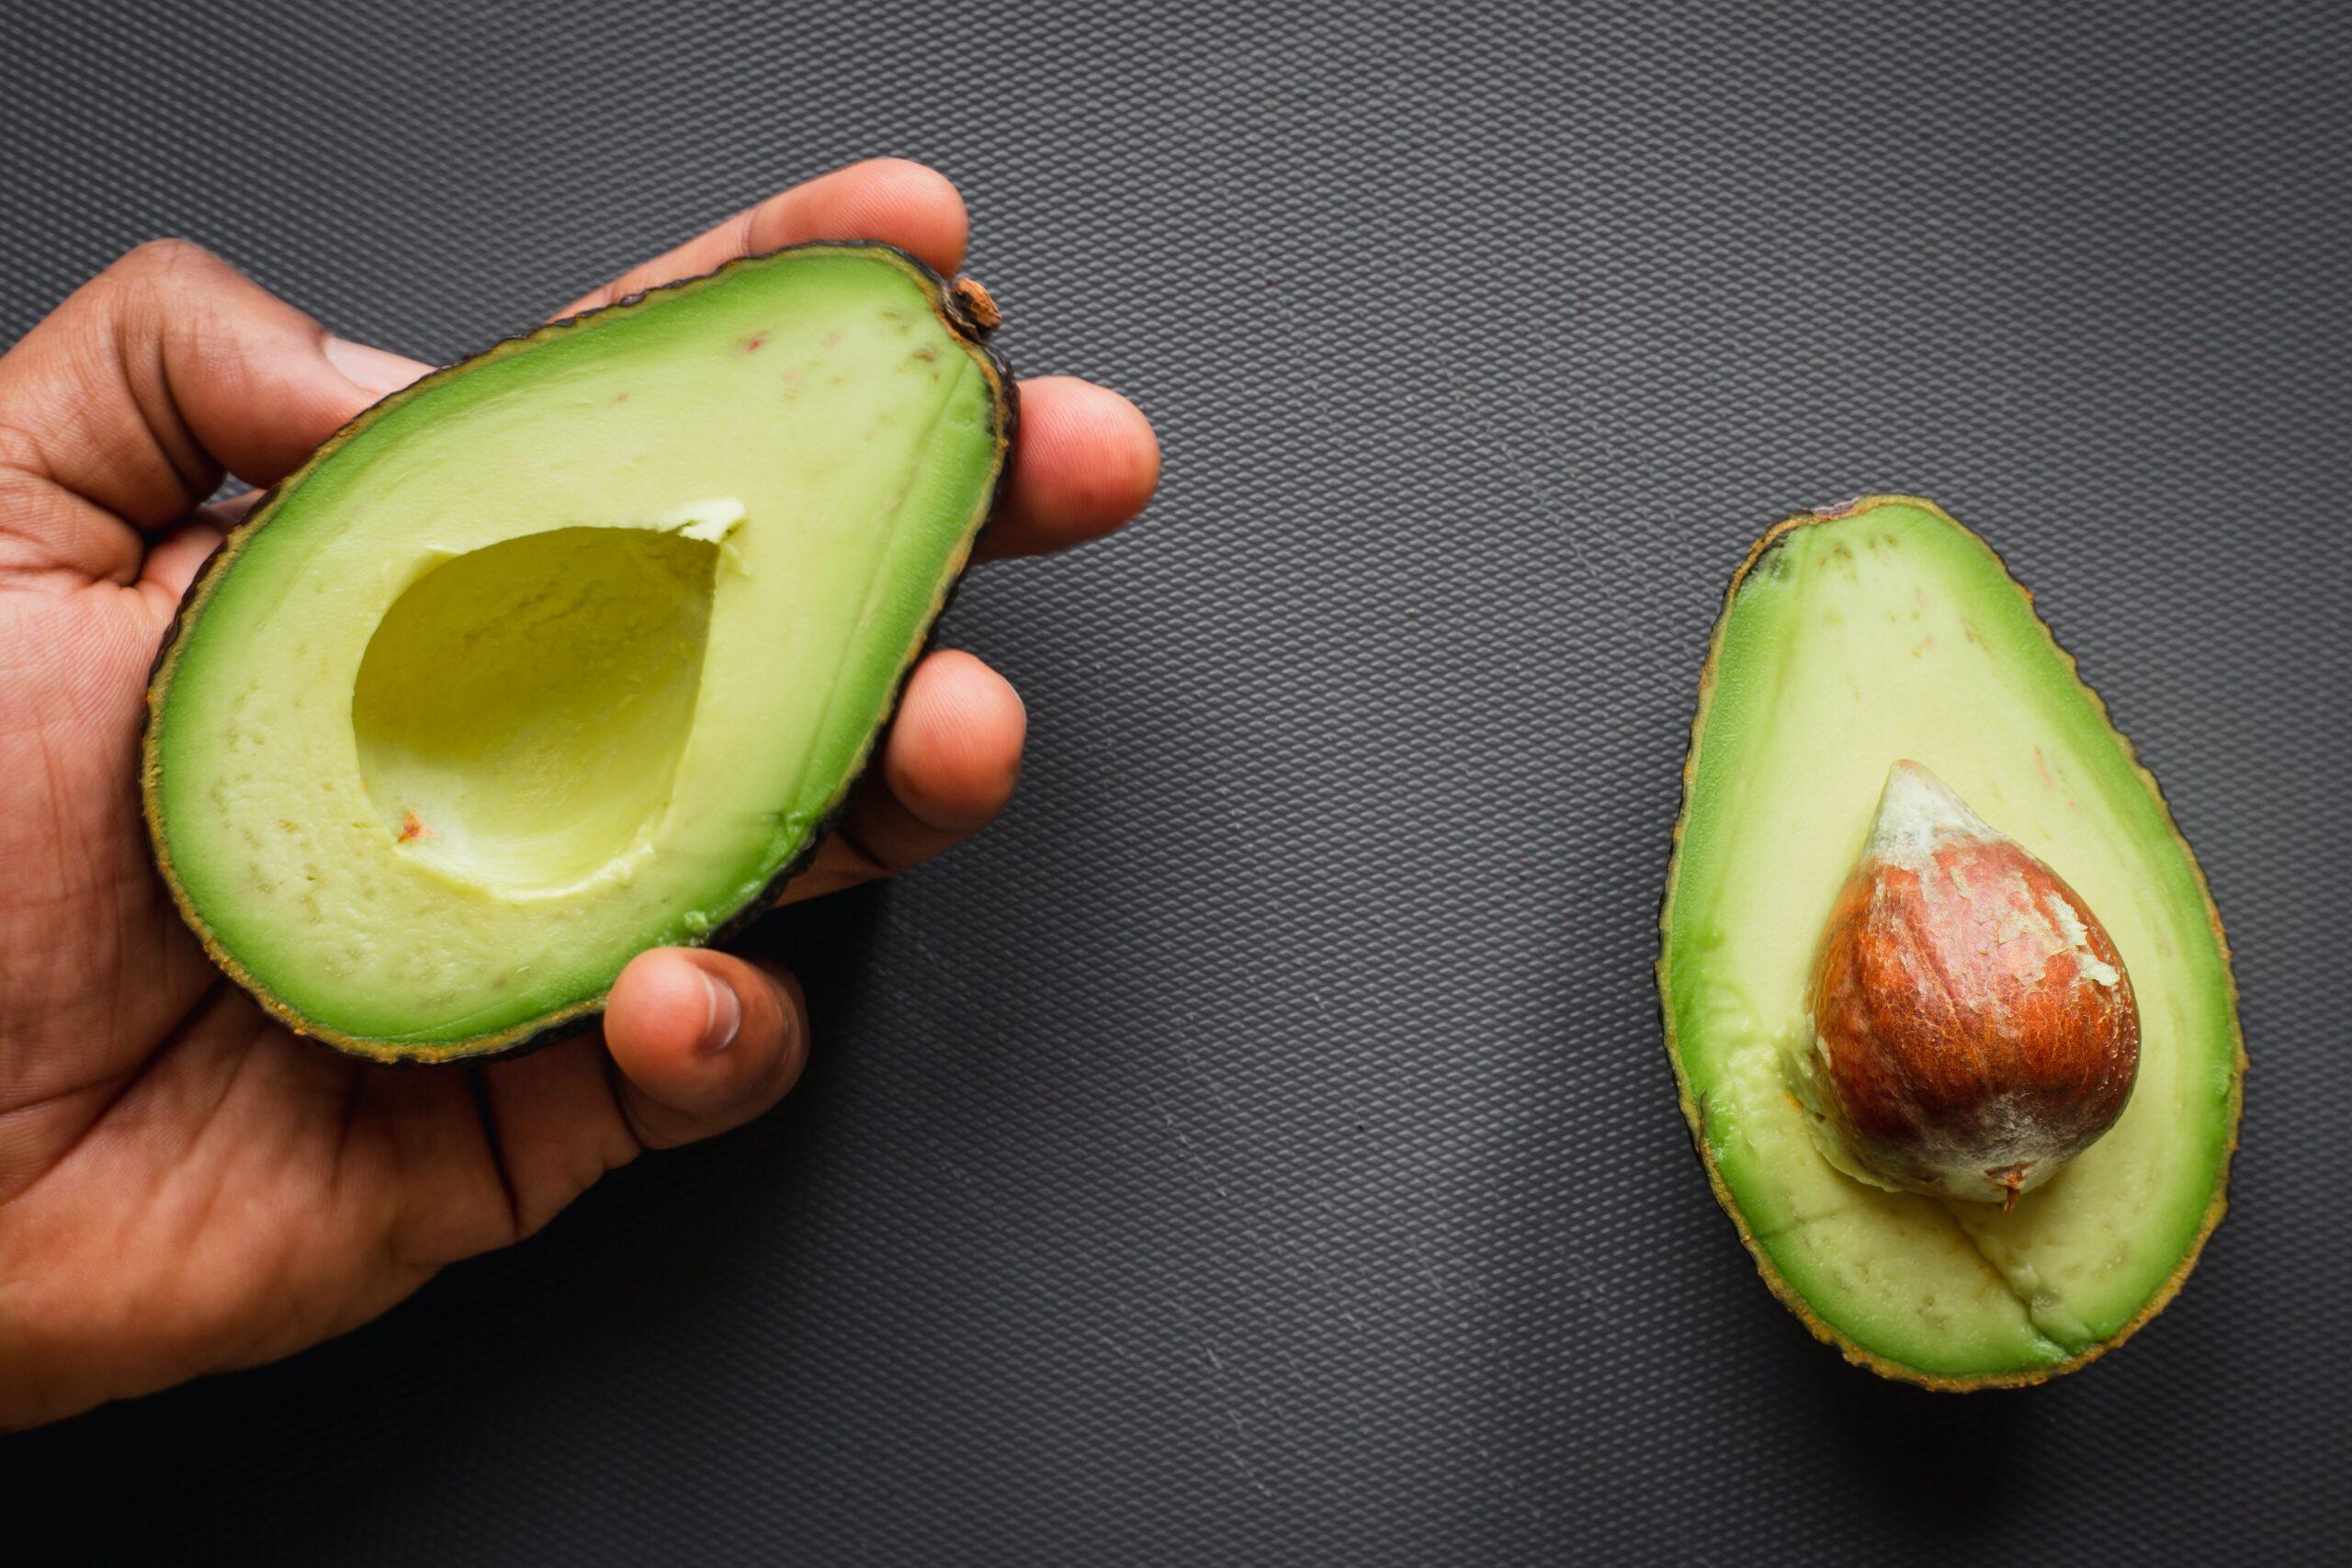 「食力」以為買到健康卻受騙!美國市售酪梨油有8成摻假或酸敗